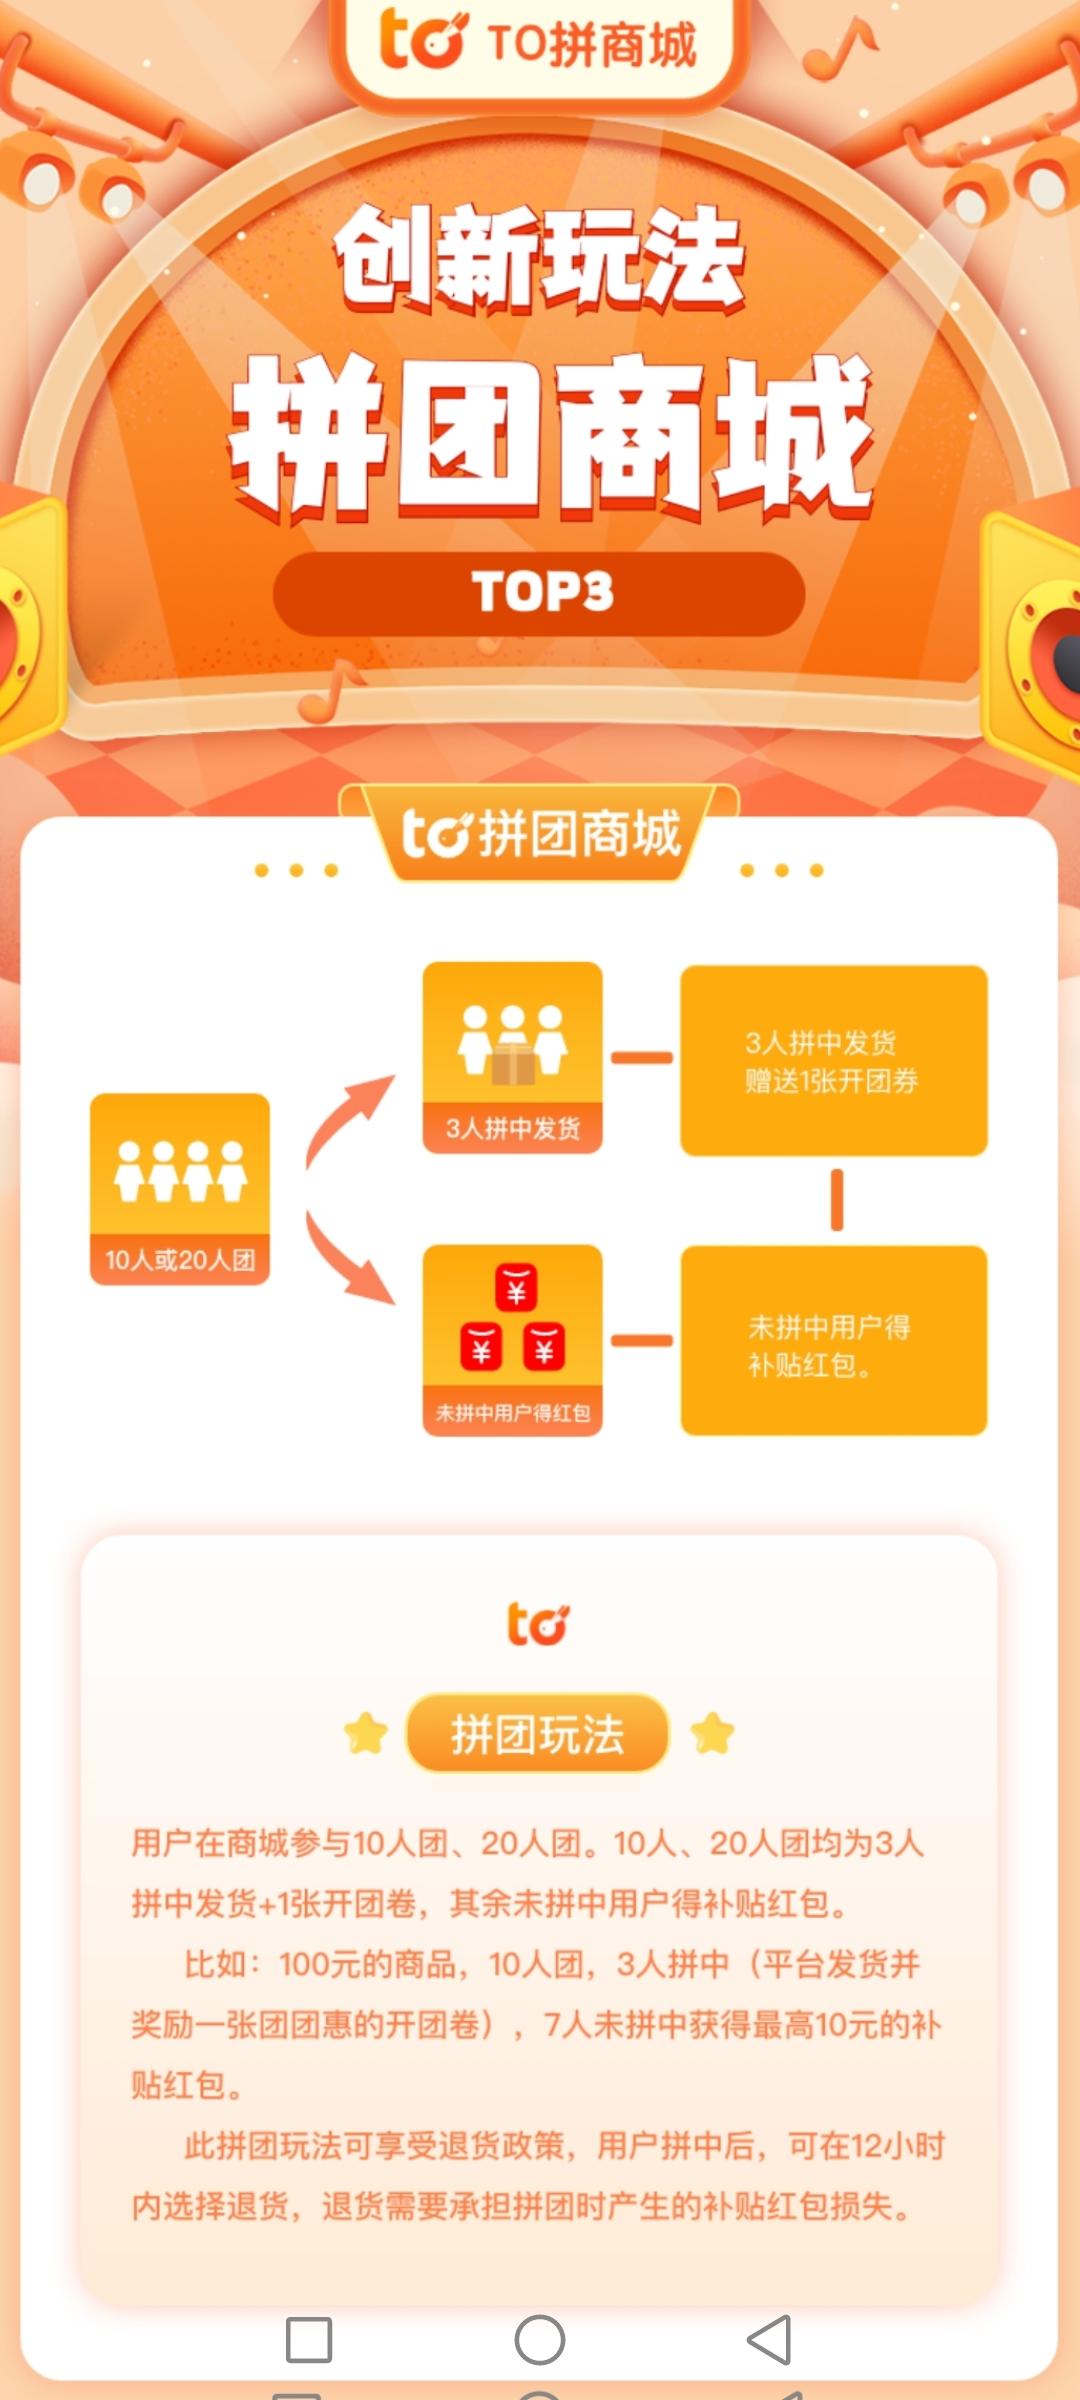 图片[6]-To商城拼团,刚上线,无限代扶持100-首码社